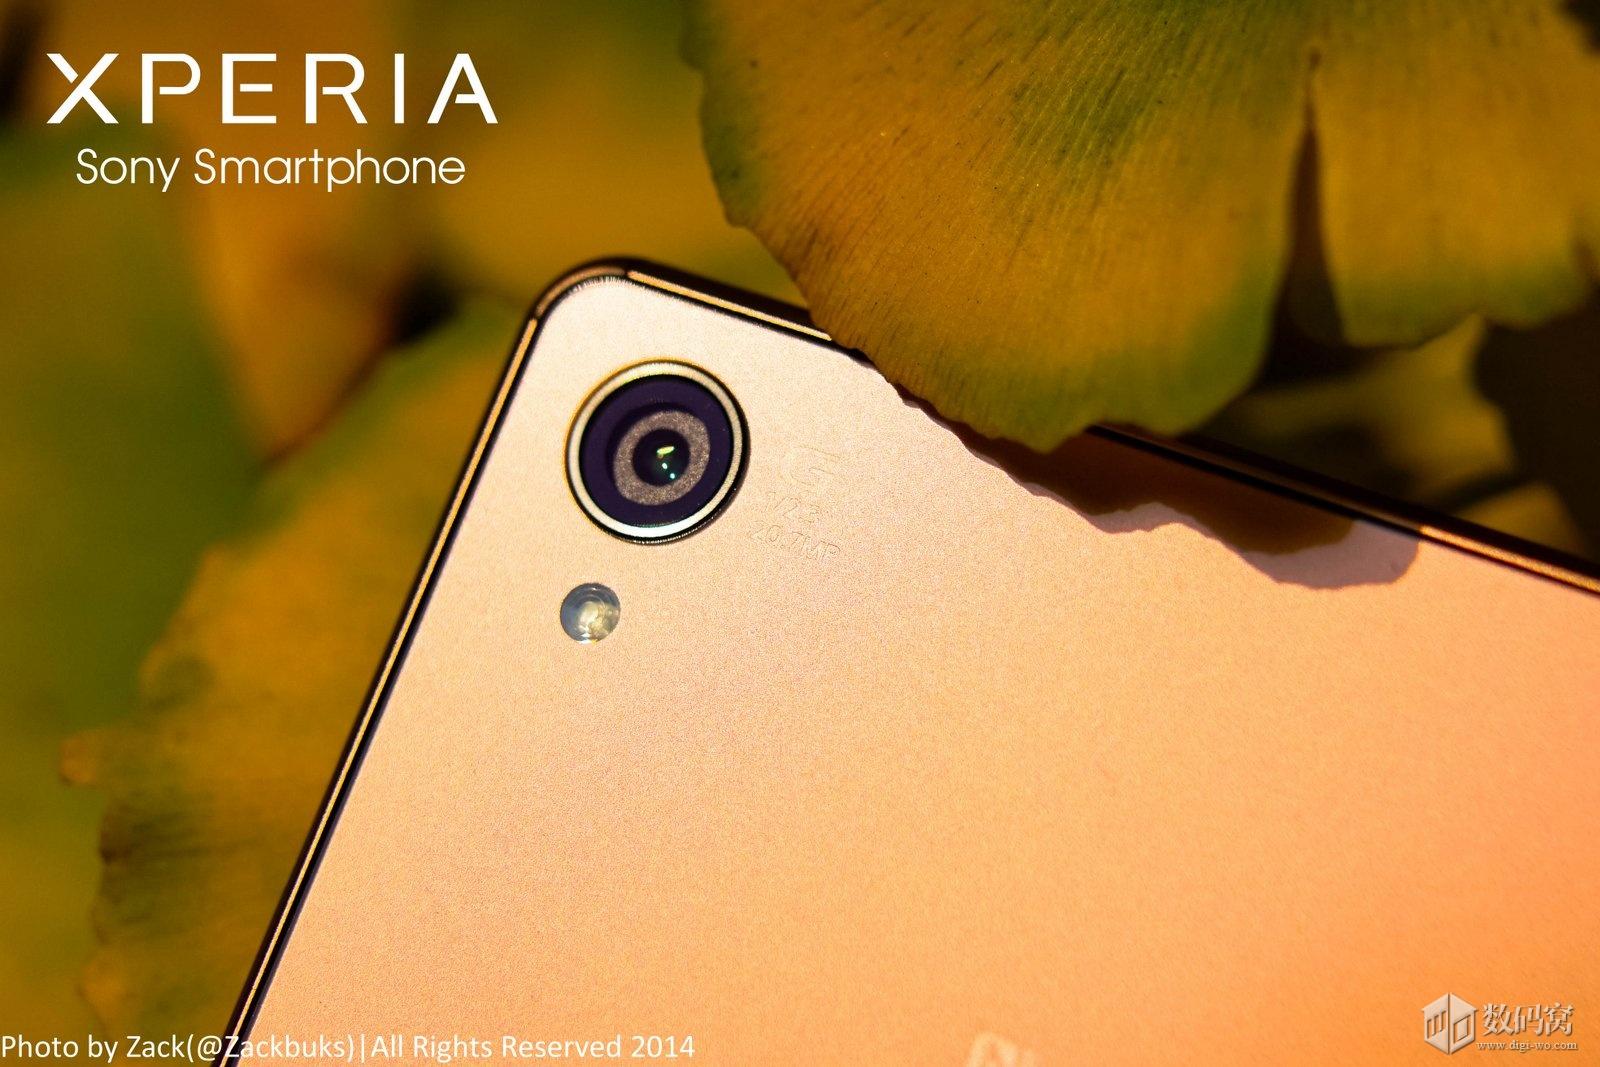 Copper Colored Xperia Z3